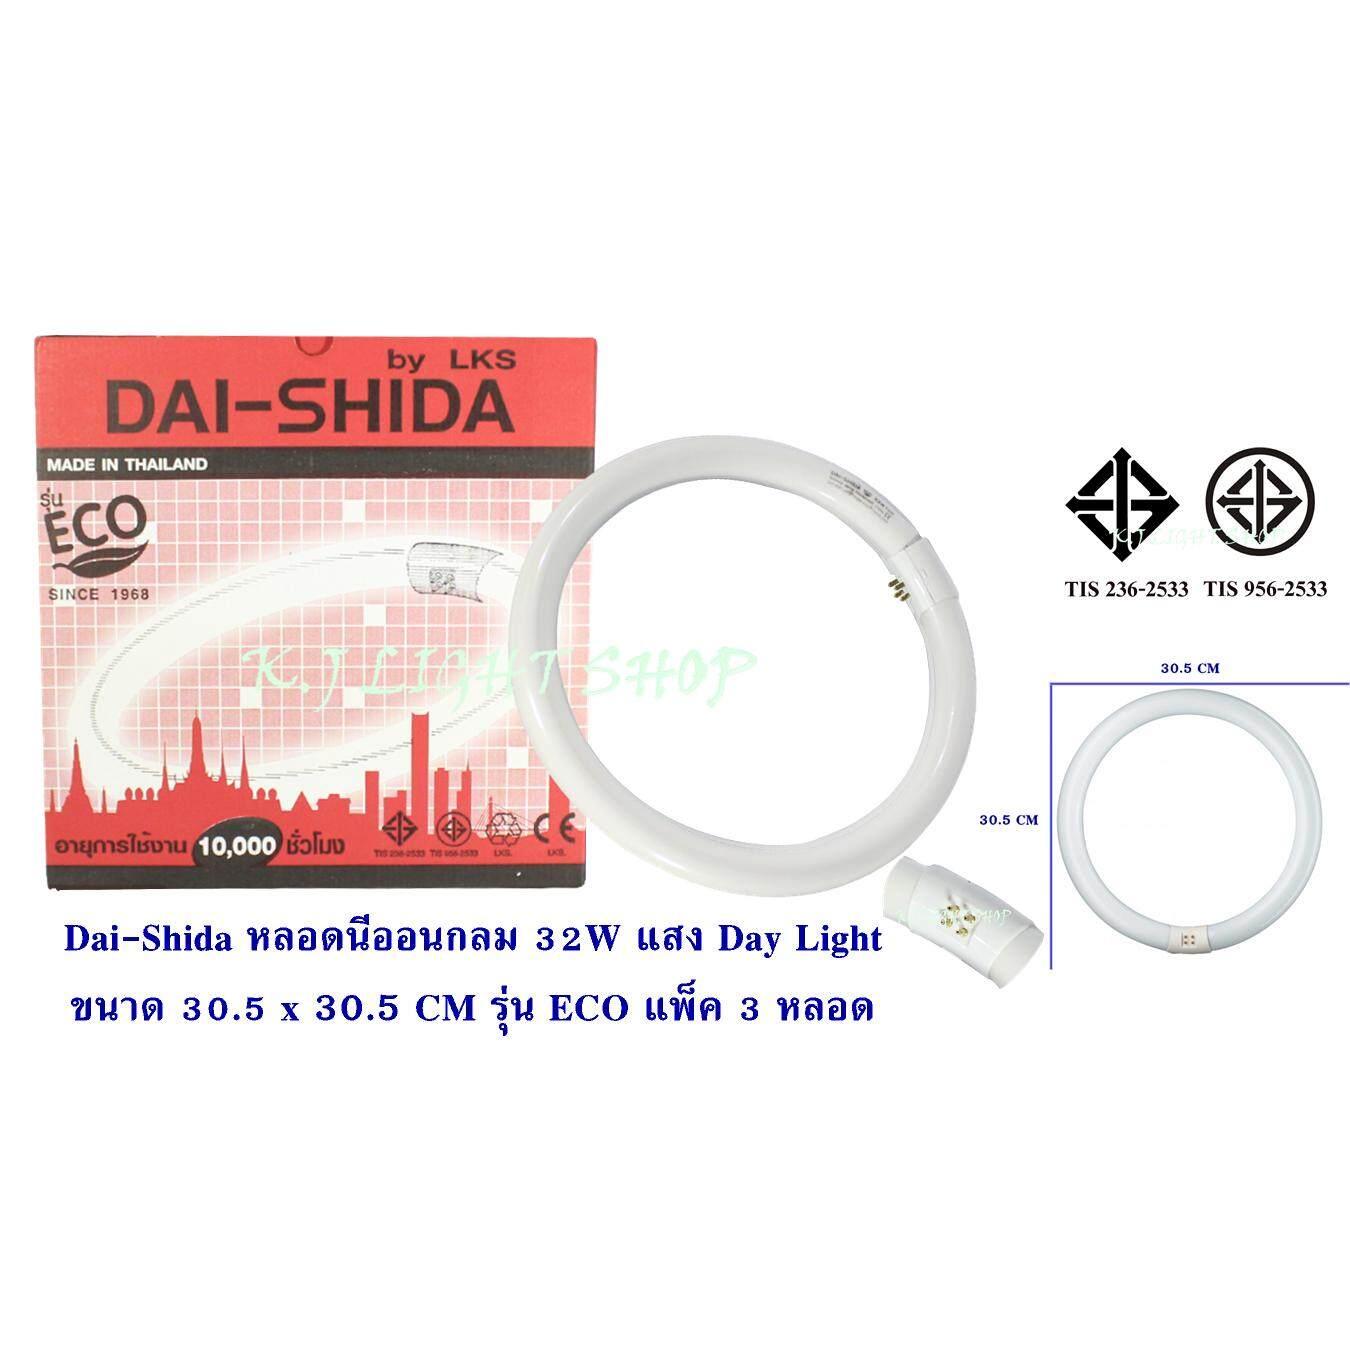 ขาย Dai Shida หลอดนีออนกลม 32W แสง Day Light 3 หลอด